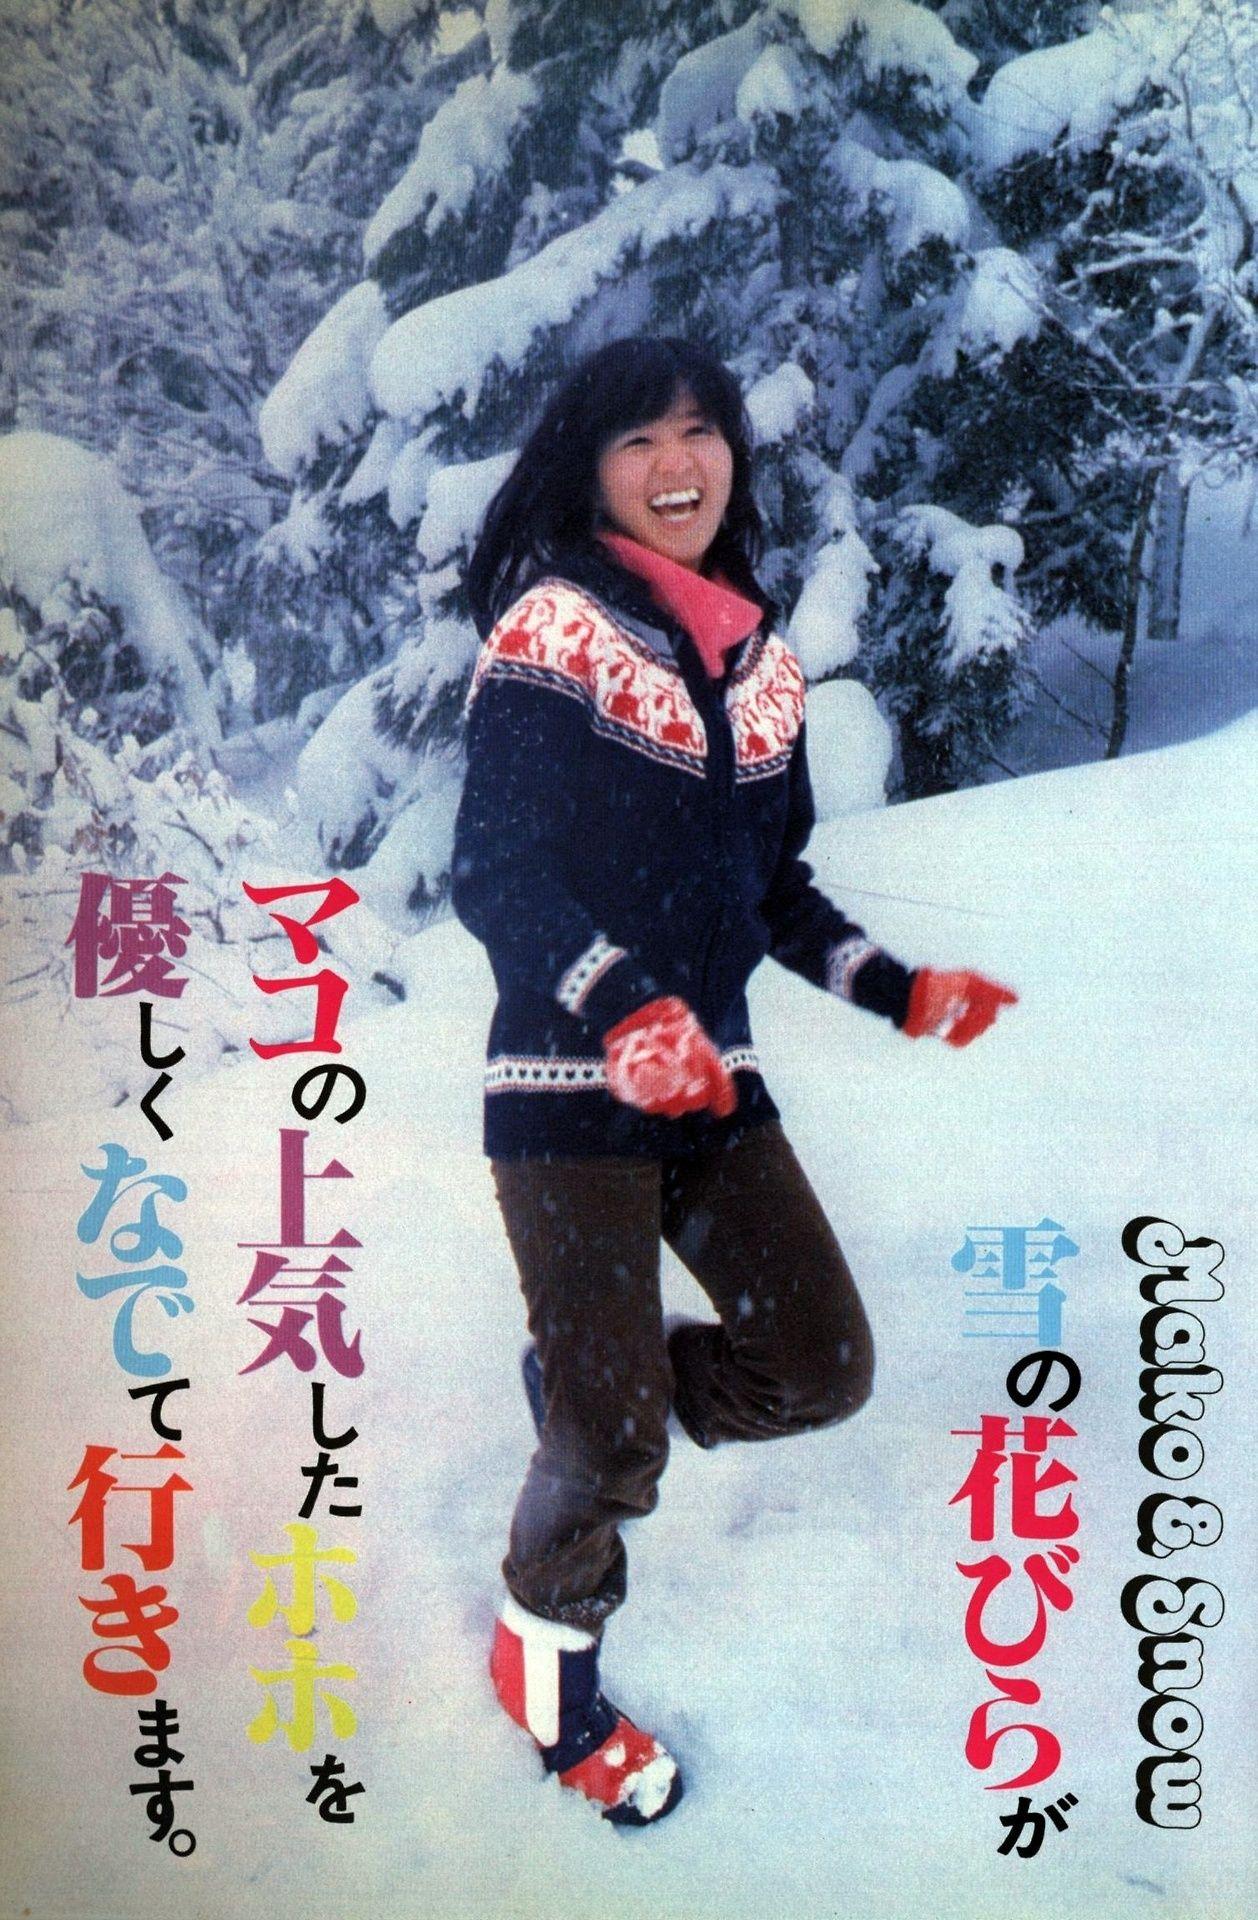 石野真子 Mako Ishino 80 S Idol Singer Artofit